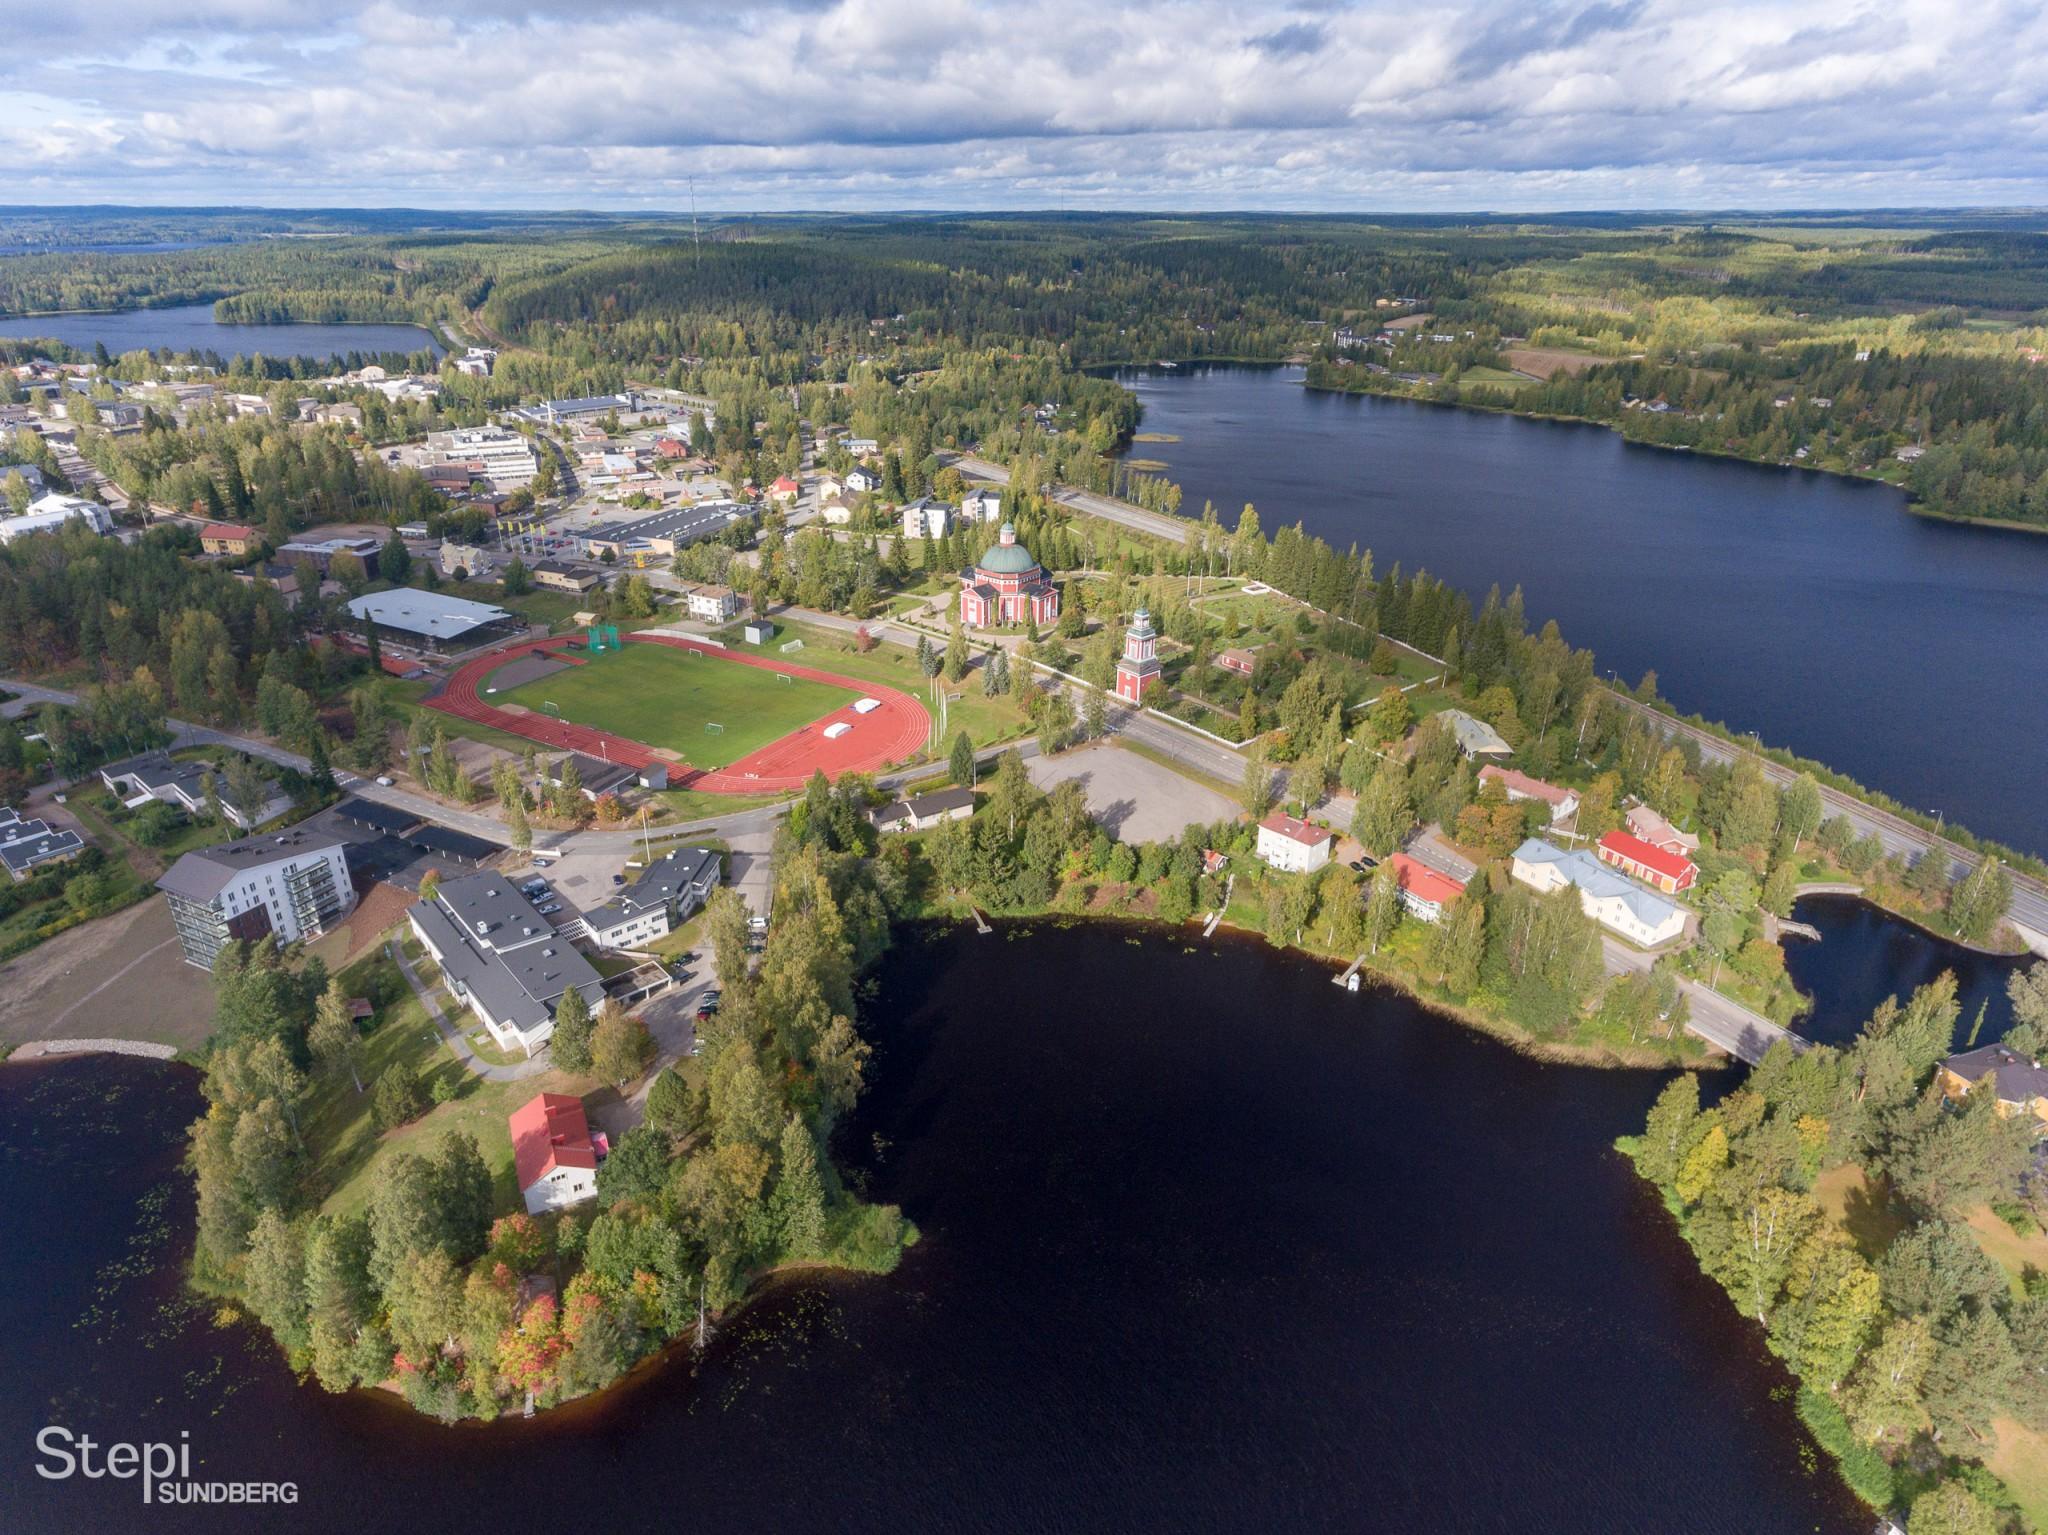 Ilmakuva Saarijärvi, Valokuvaaja Stepi Sundberg